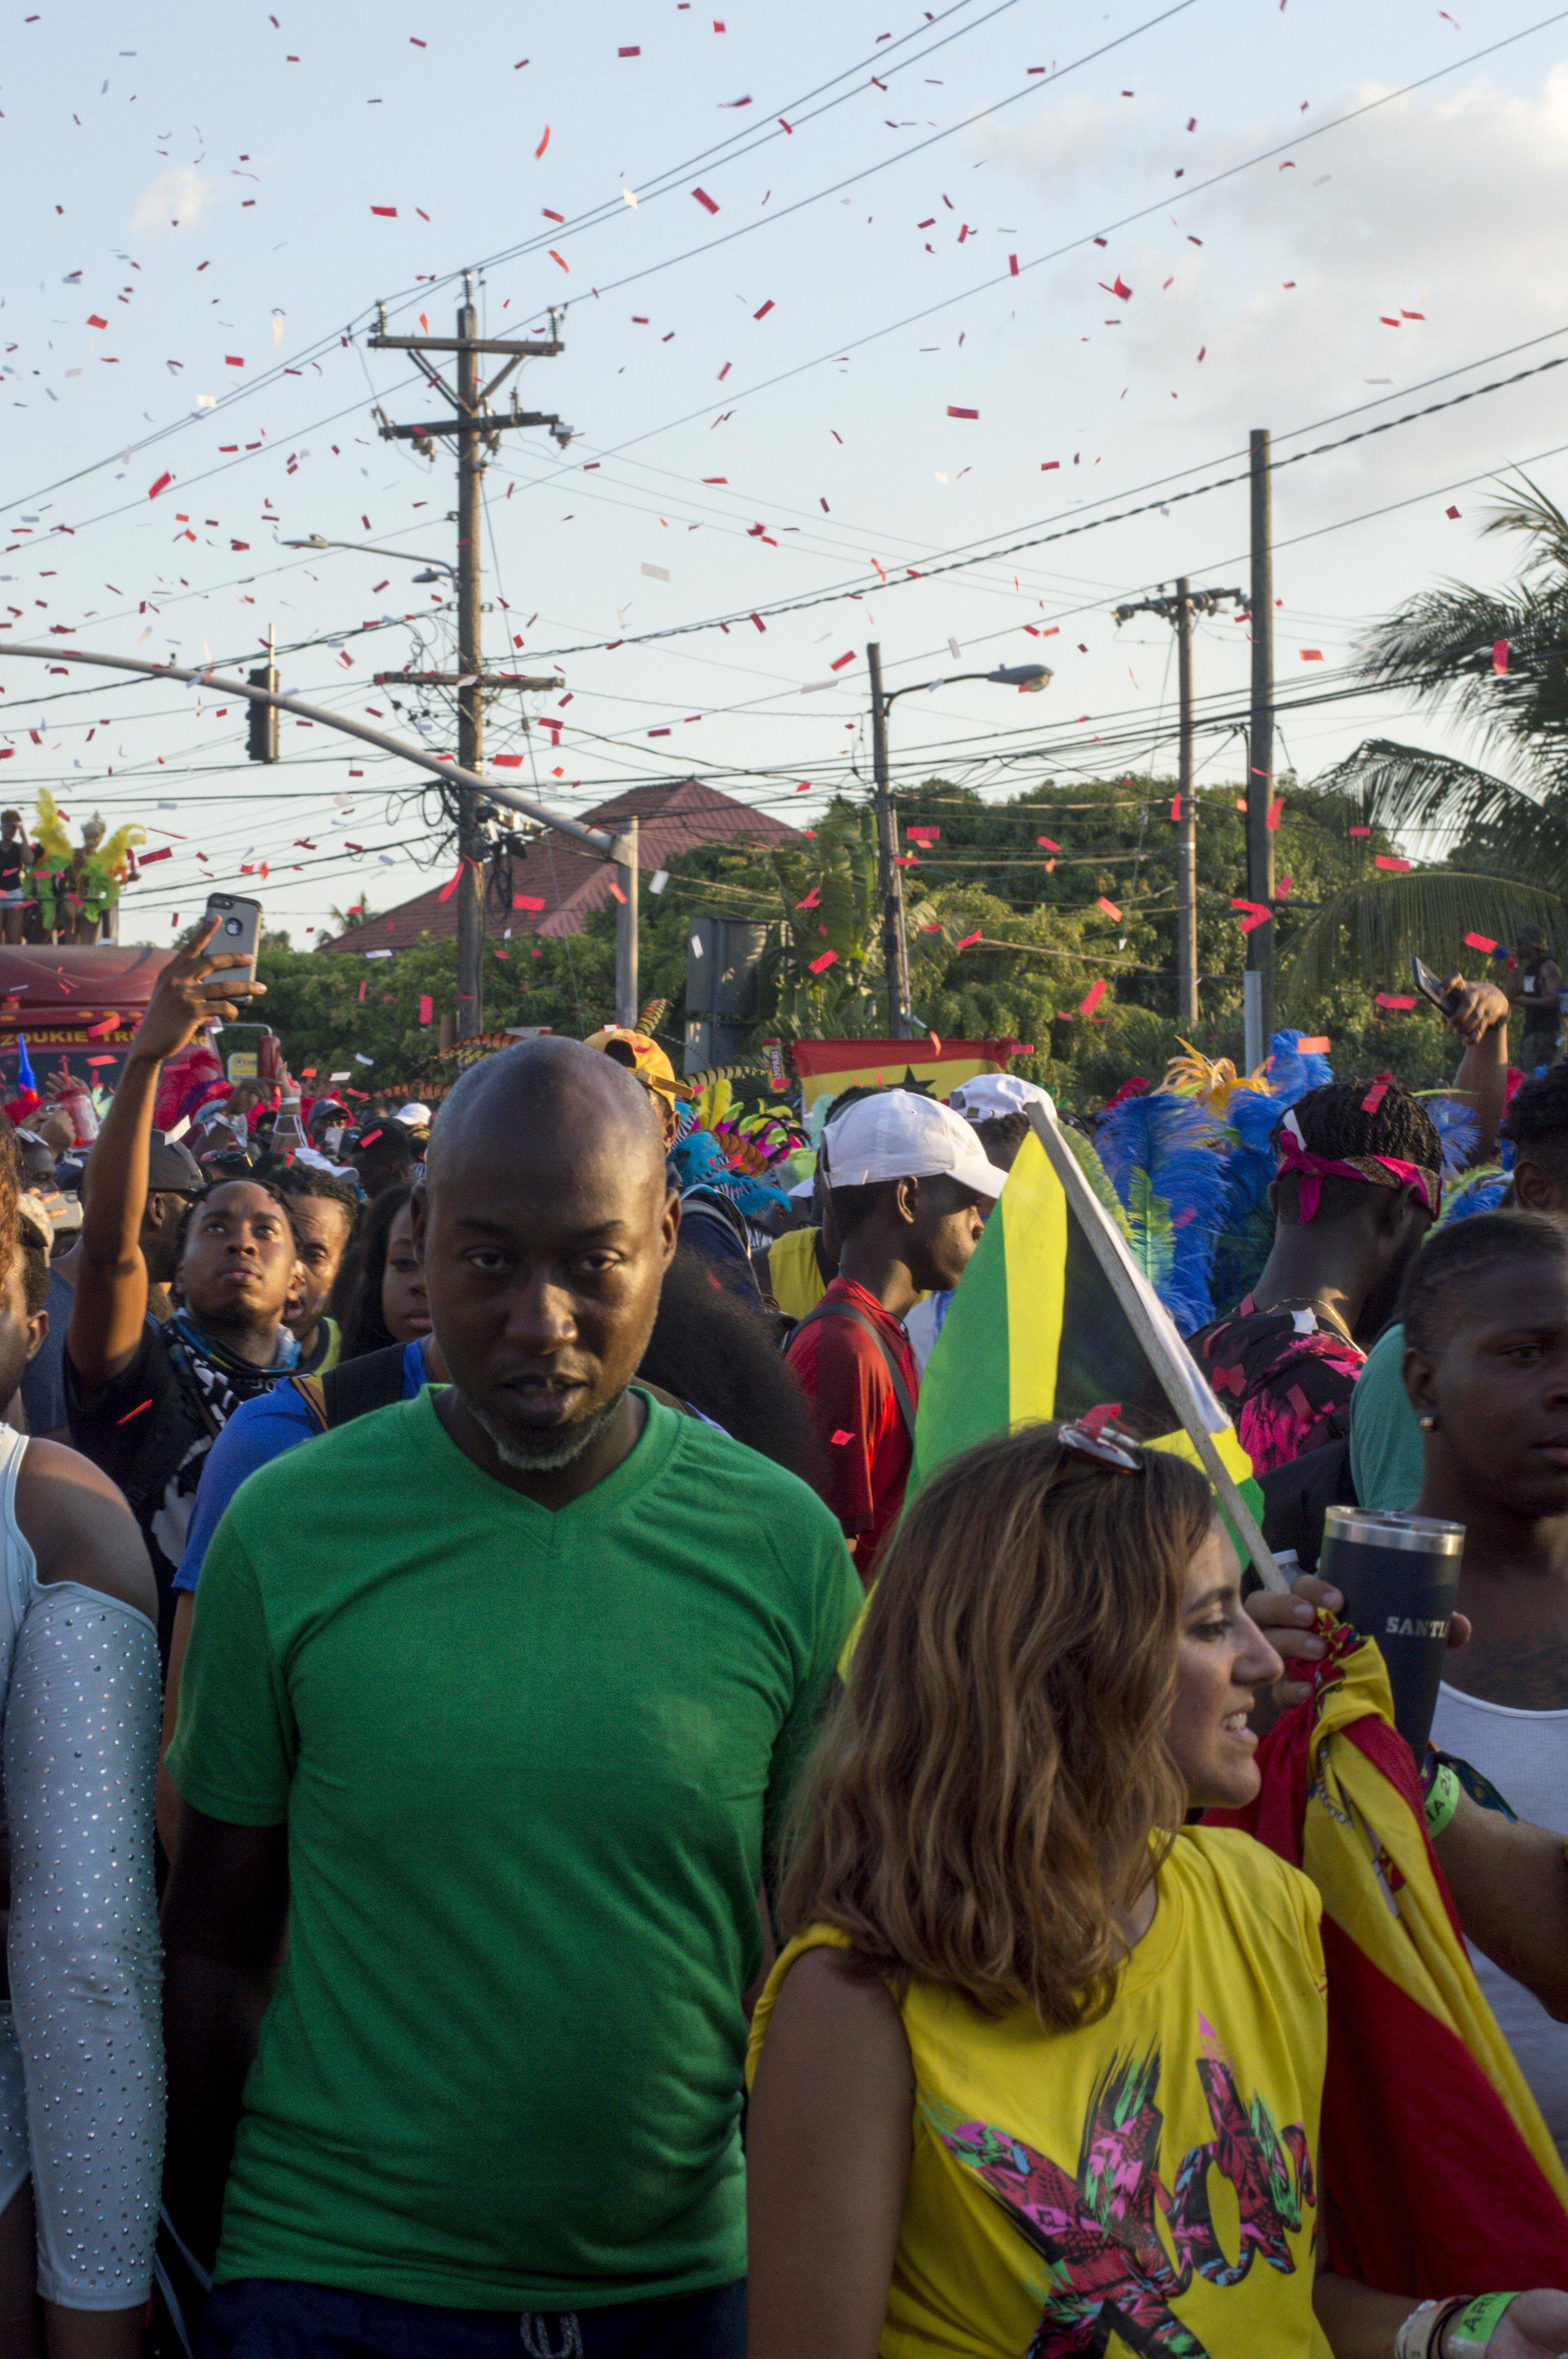 carnival2019_jeanalindo-35.jpg